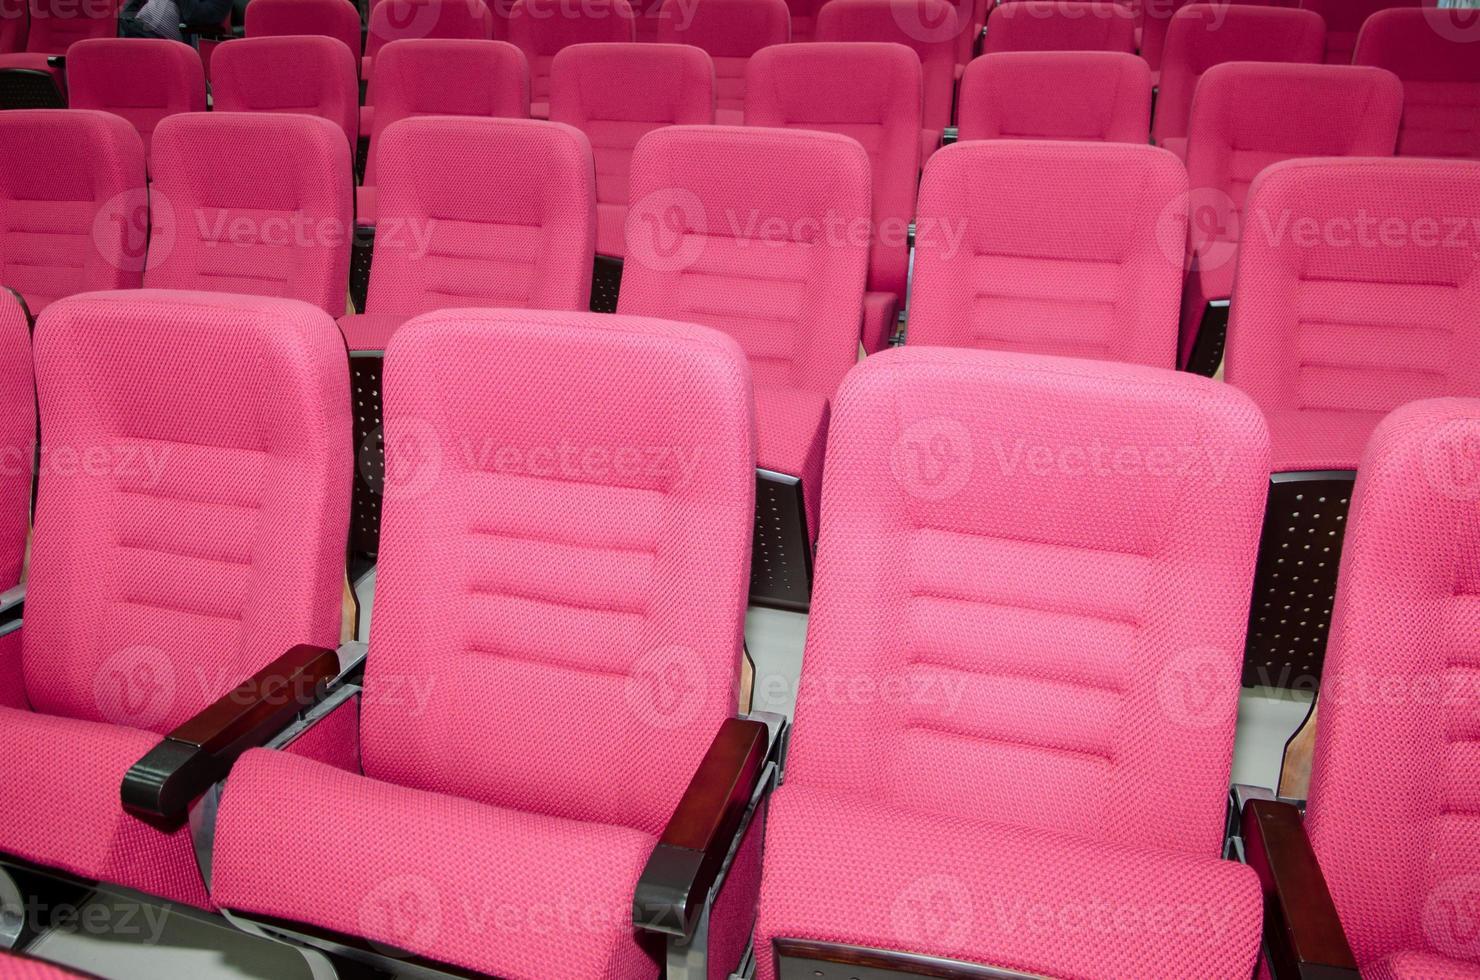 Tagungsraum mit roten leeren Sitzen foto